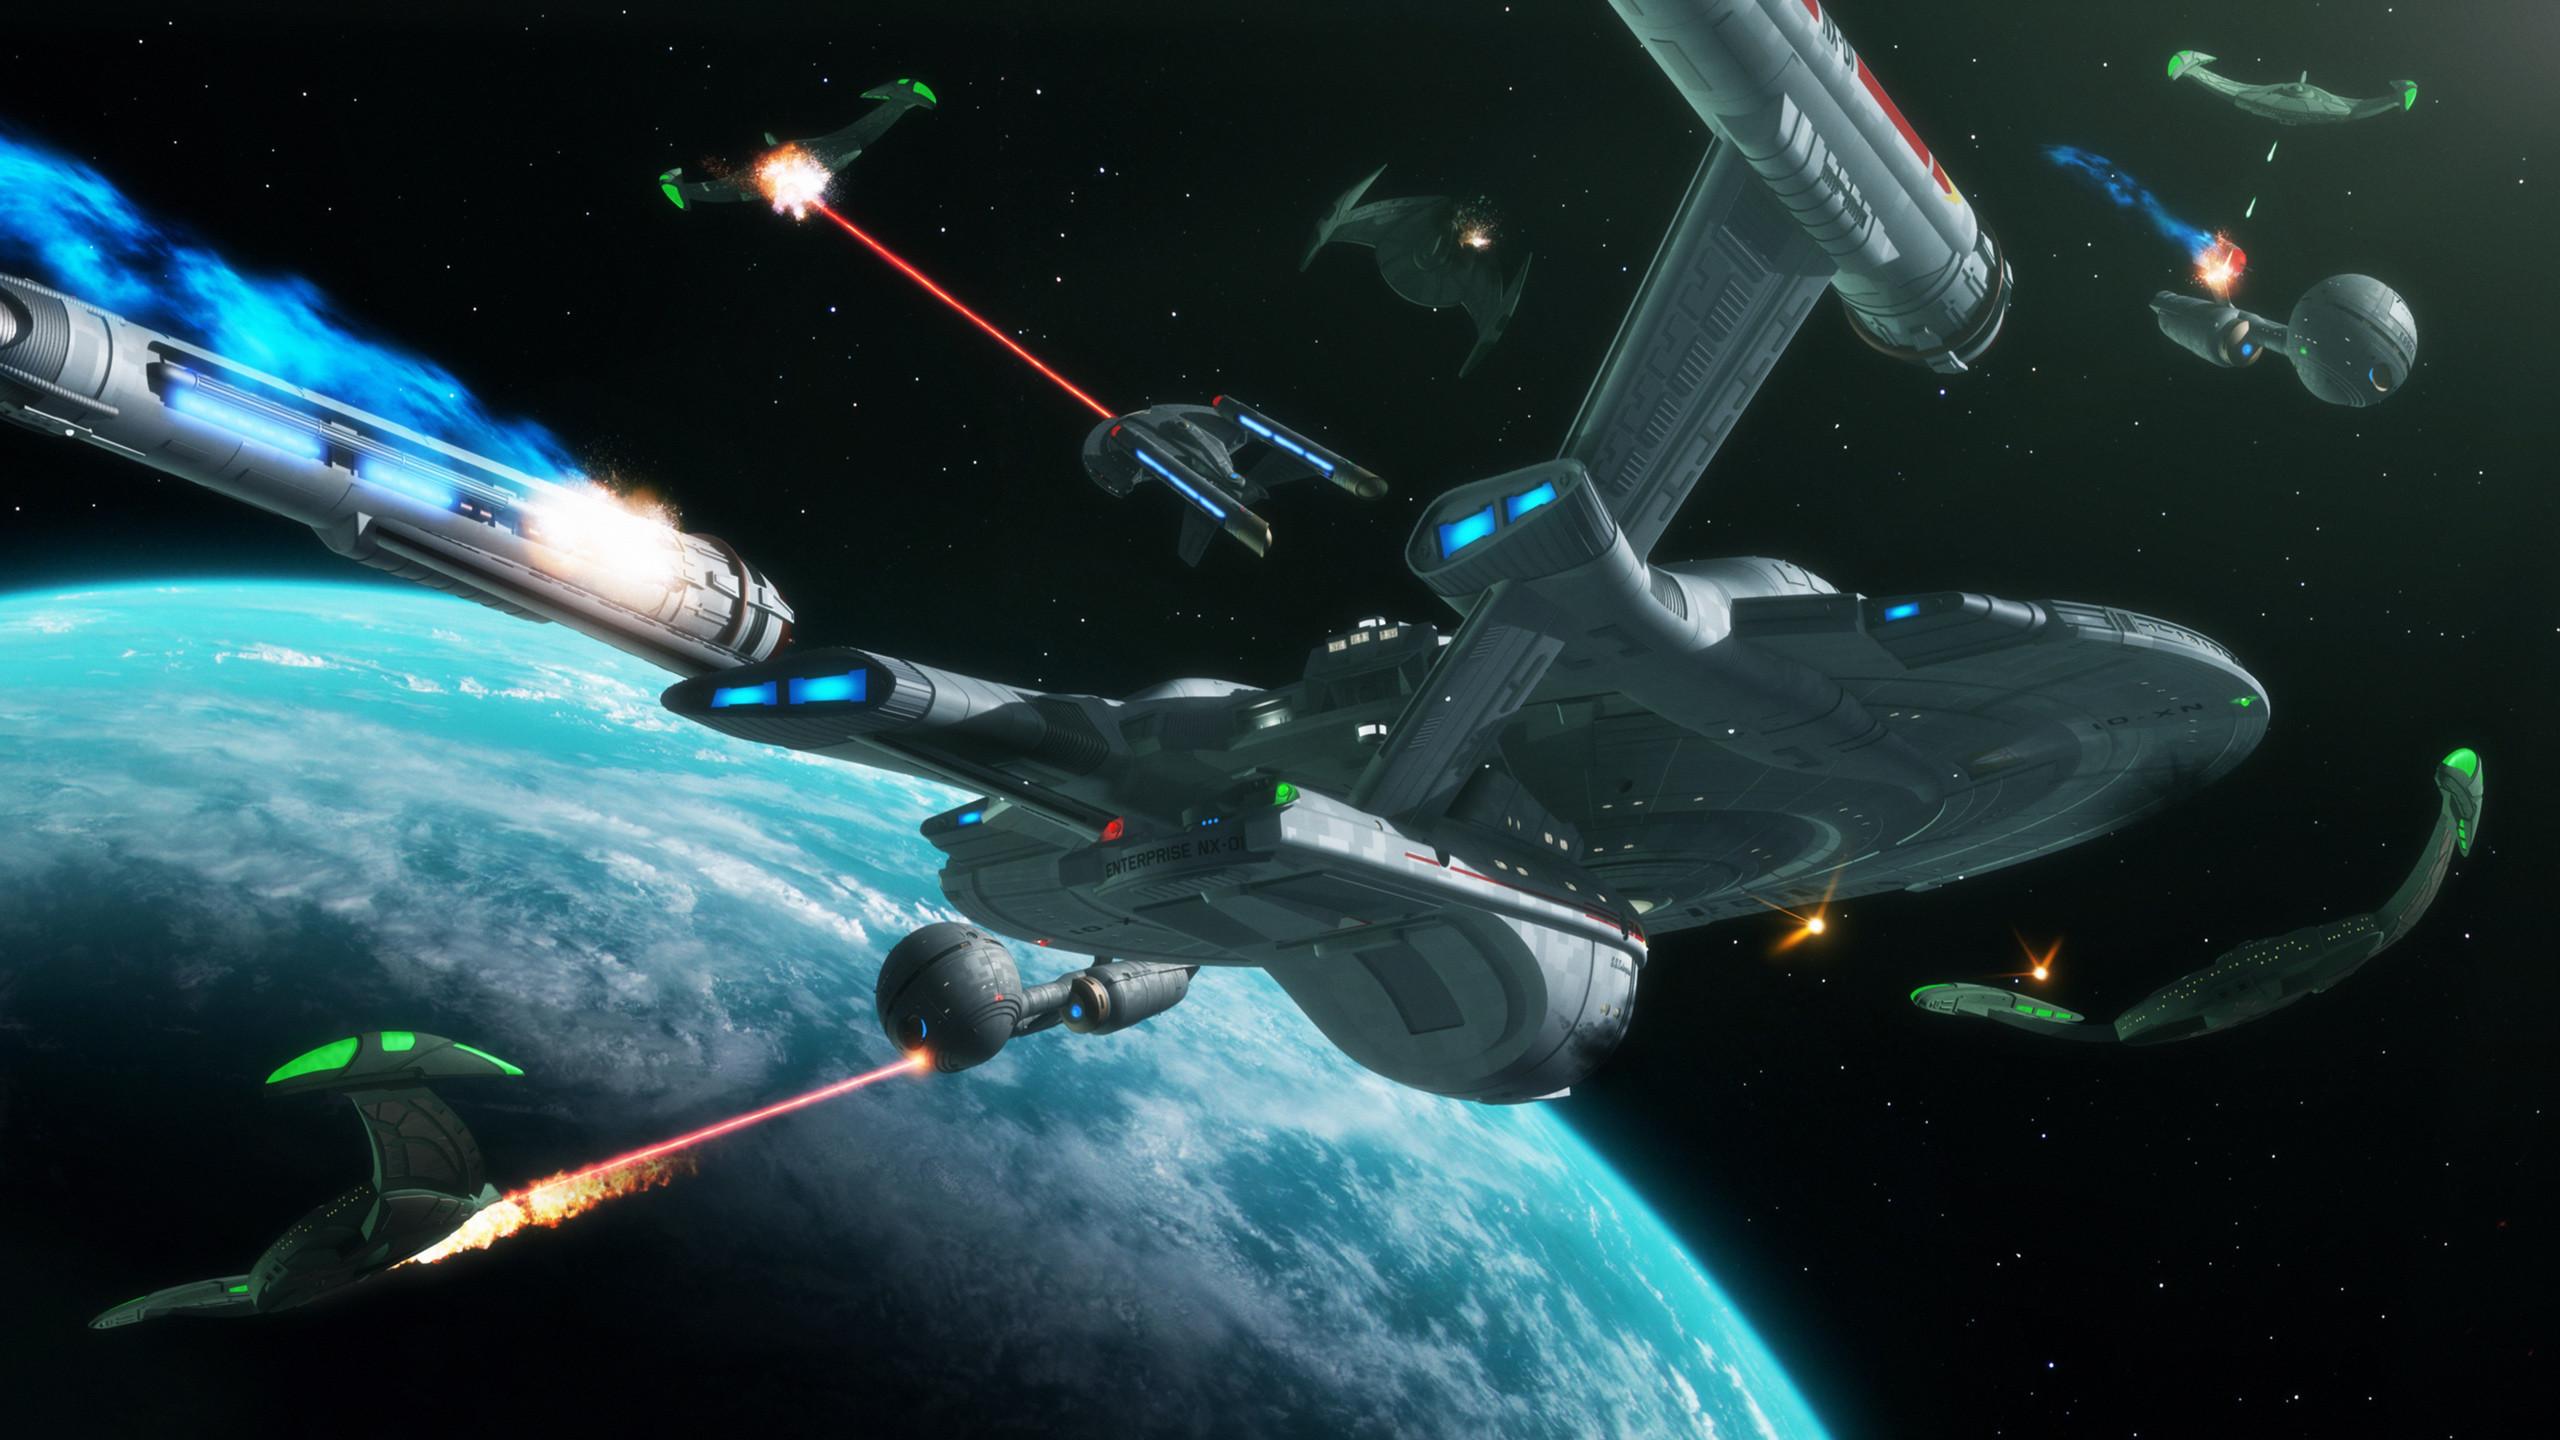 Star Trek Screensavers And Wallpapers 63 Images